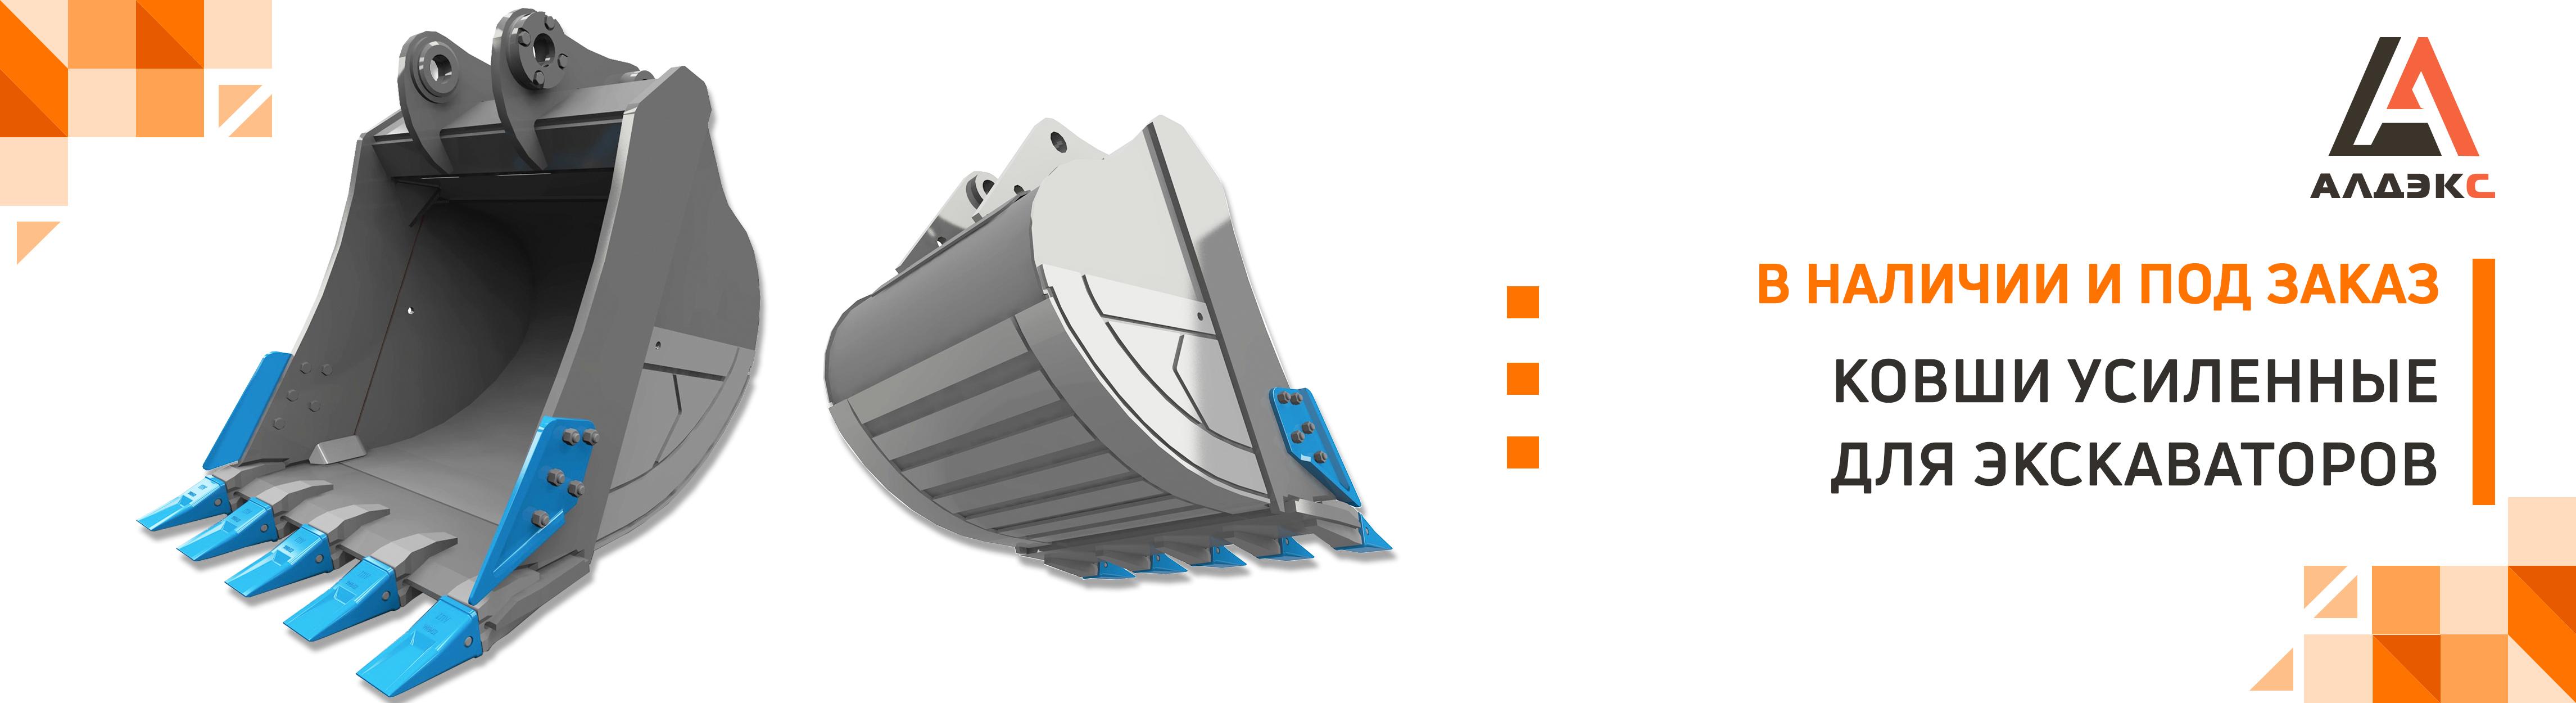 Компания «Адлэкс» предлагает ковши усиленный для экскаваторов и погрузчиков собственного производства.